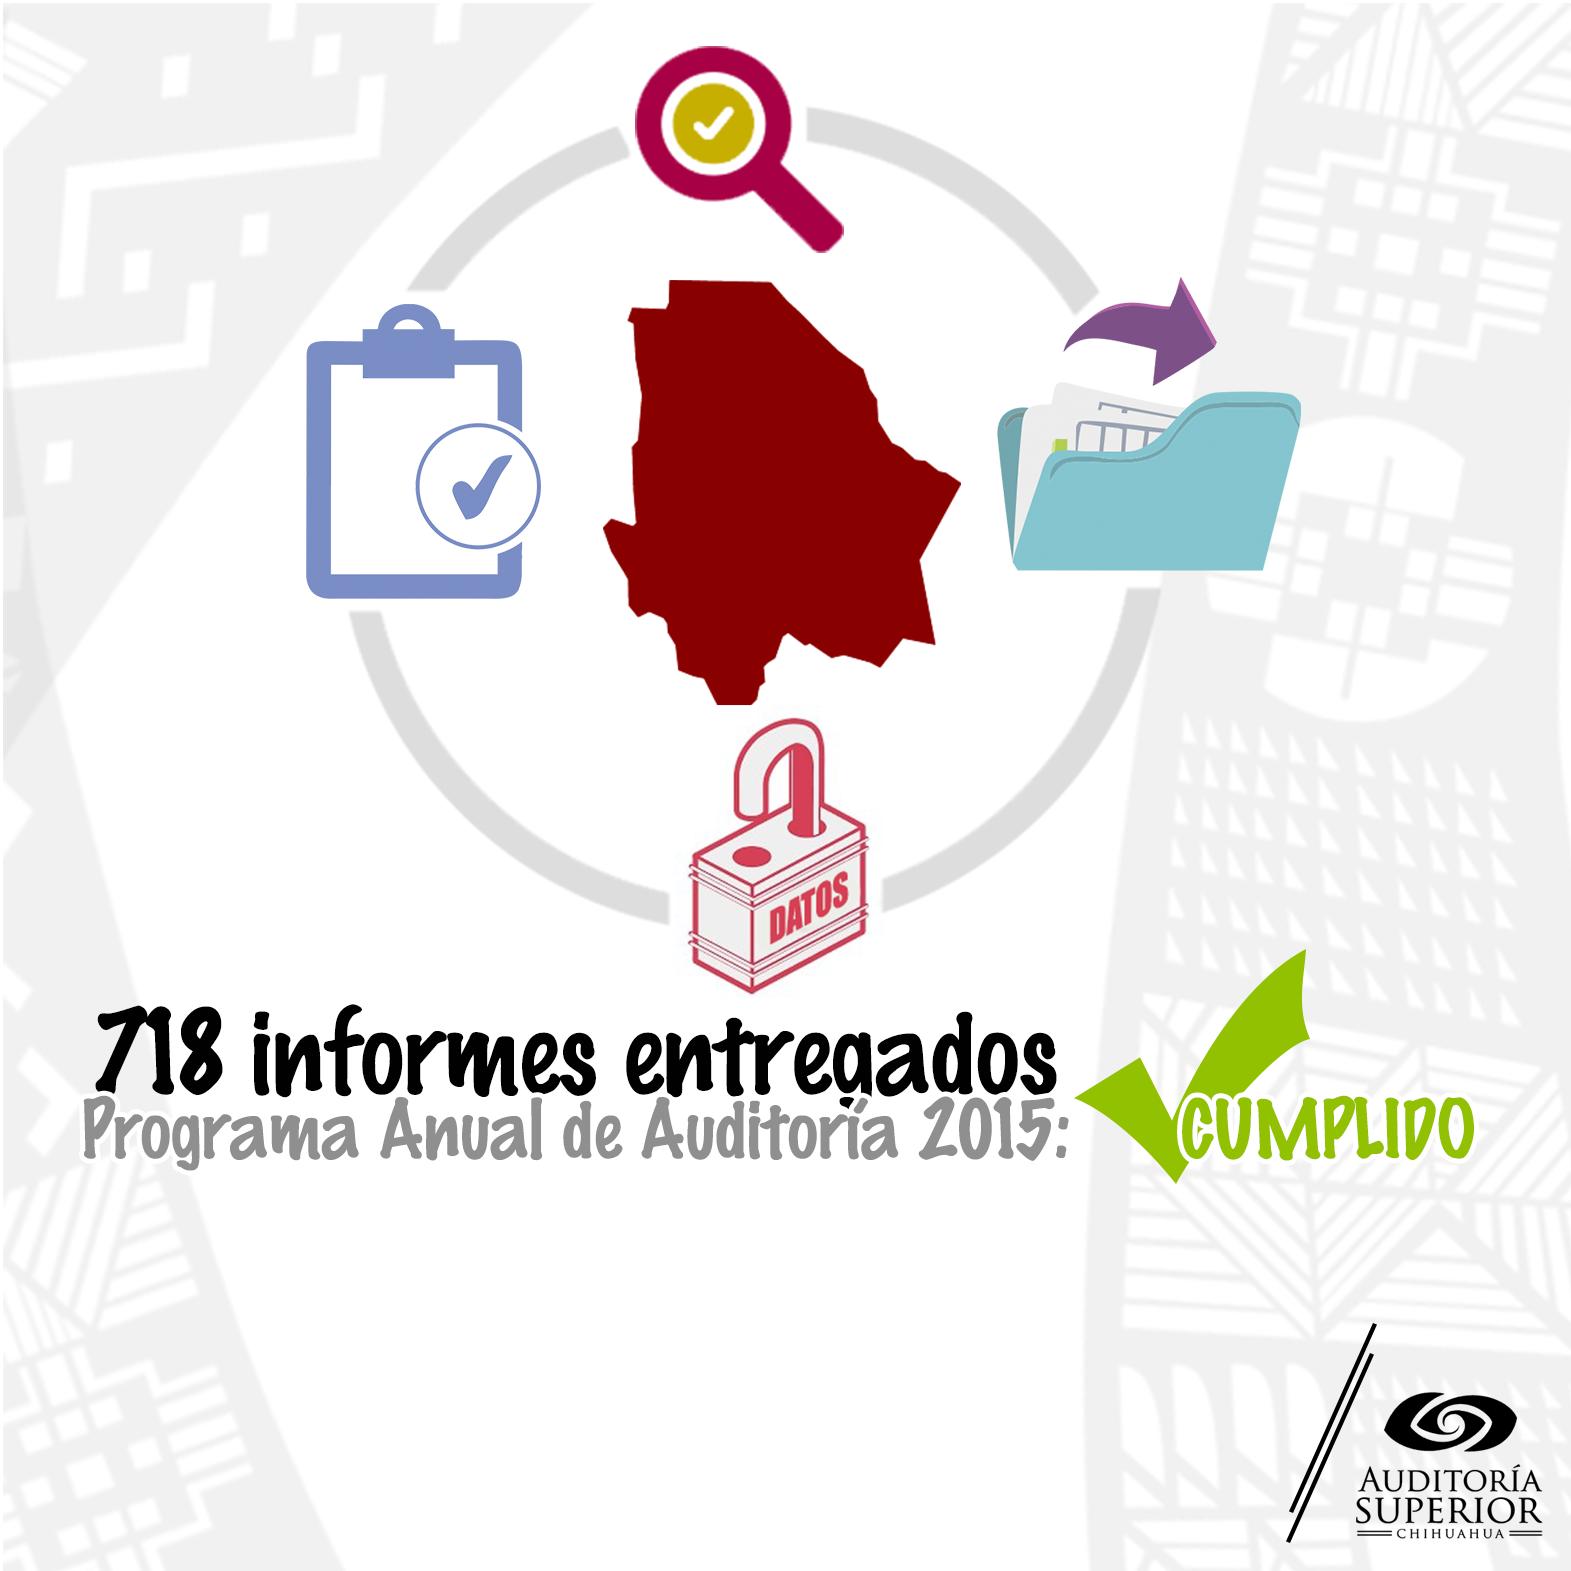 Ayer fueron entregados 718 informes al Congreso del Estado de Chihuahua. Programa Anual de Auditoria: CUMPLIDO. https://t.co/9feLnV79YB